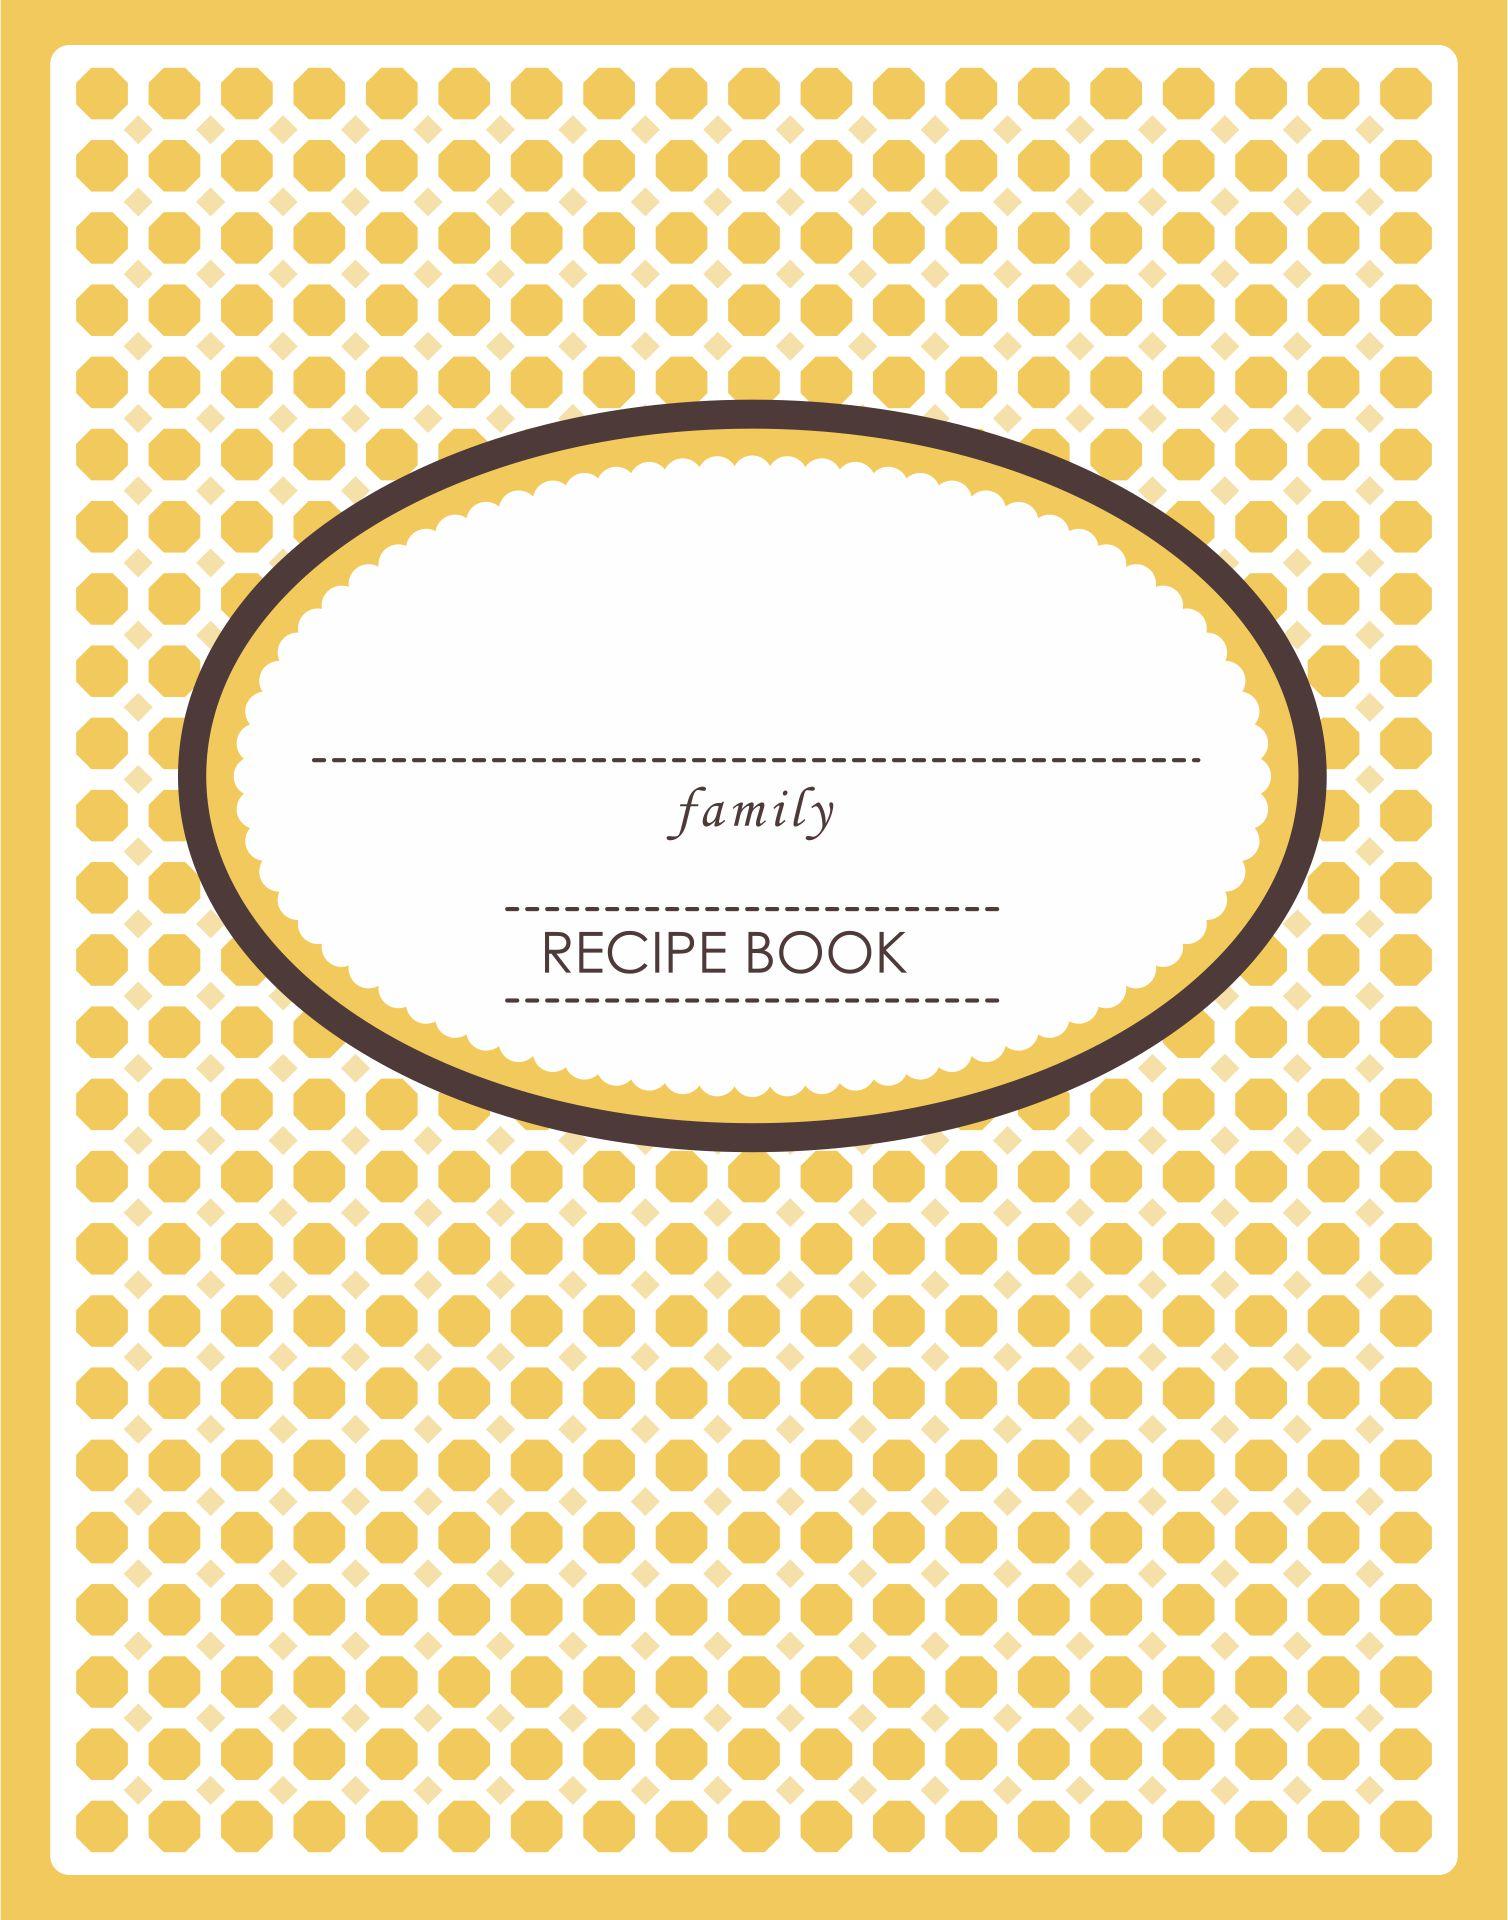 10 Best Printable Cookbook Covers To Print Printablee Com